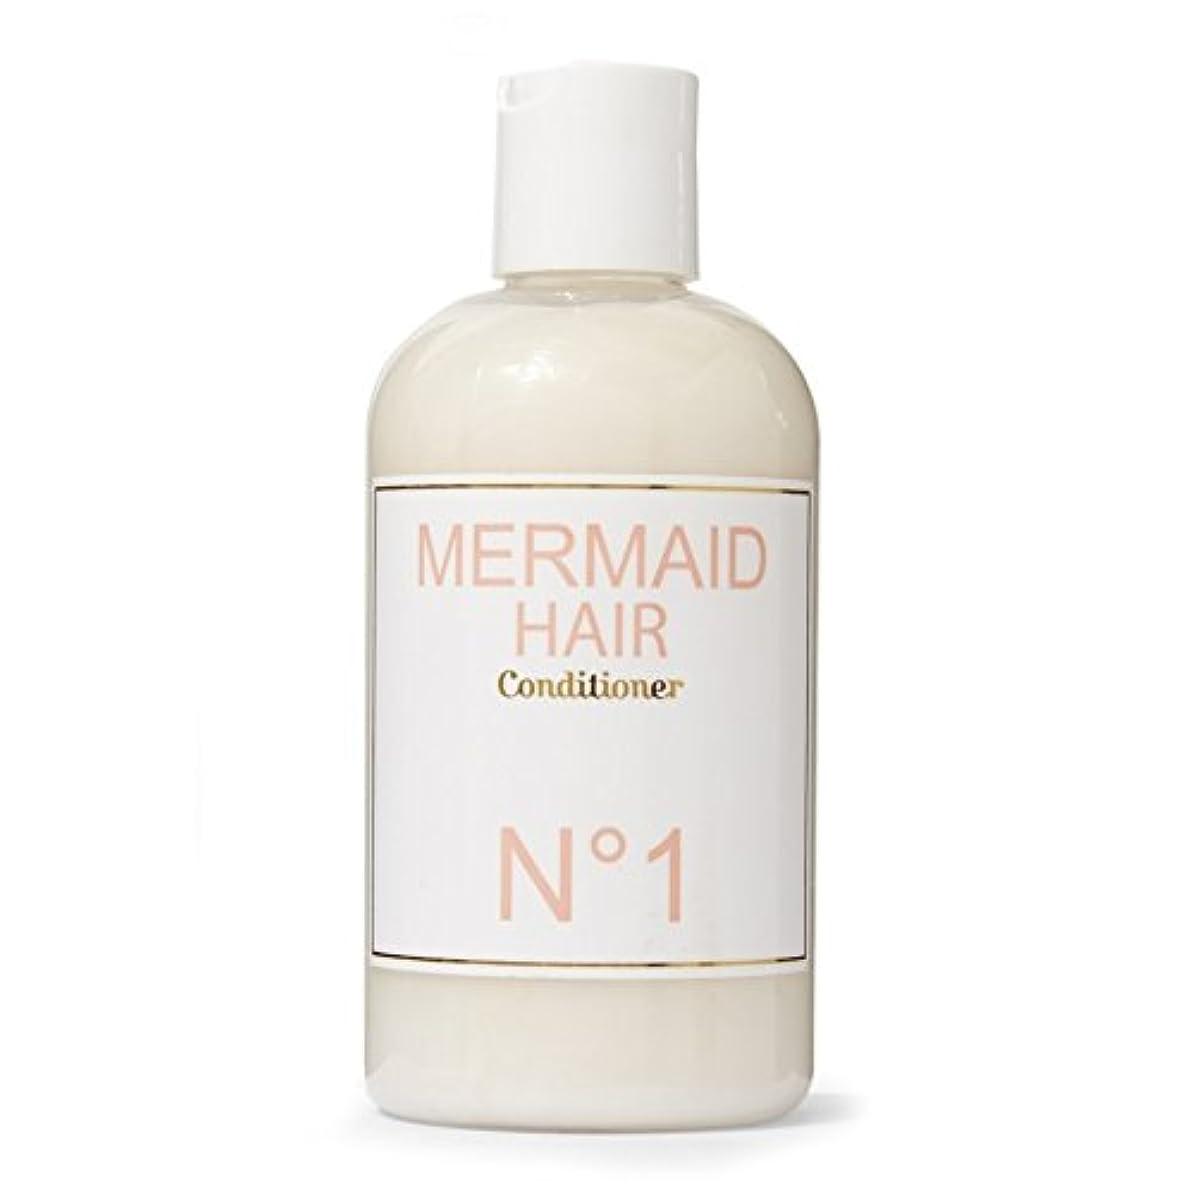 ジョージバーナード配管とティームMermaid Perfume Mermaid Conditioner 300ml - 人魚香水人魚コンディショナー300ミリリットル [並行輸入品]